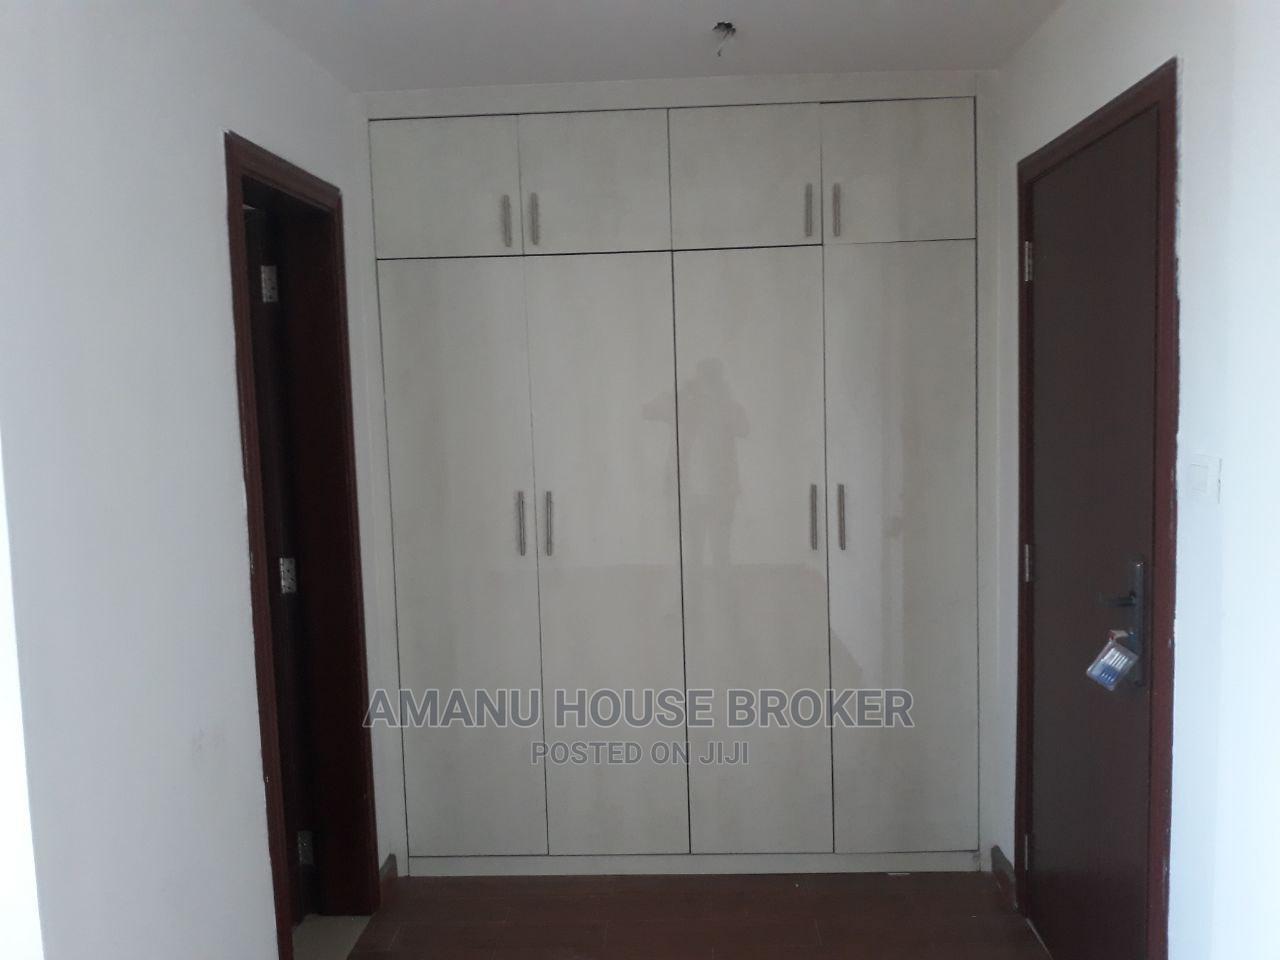 2bdrm Apartment in Addis Abeba, Bole for Rent | Houses & Apartments For Rent for sale in Bole, Addis Ababa, Ethiopia